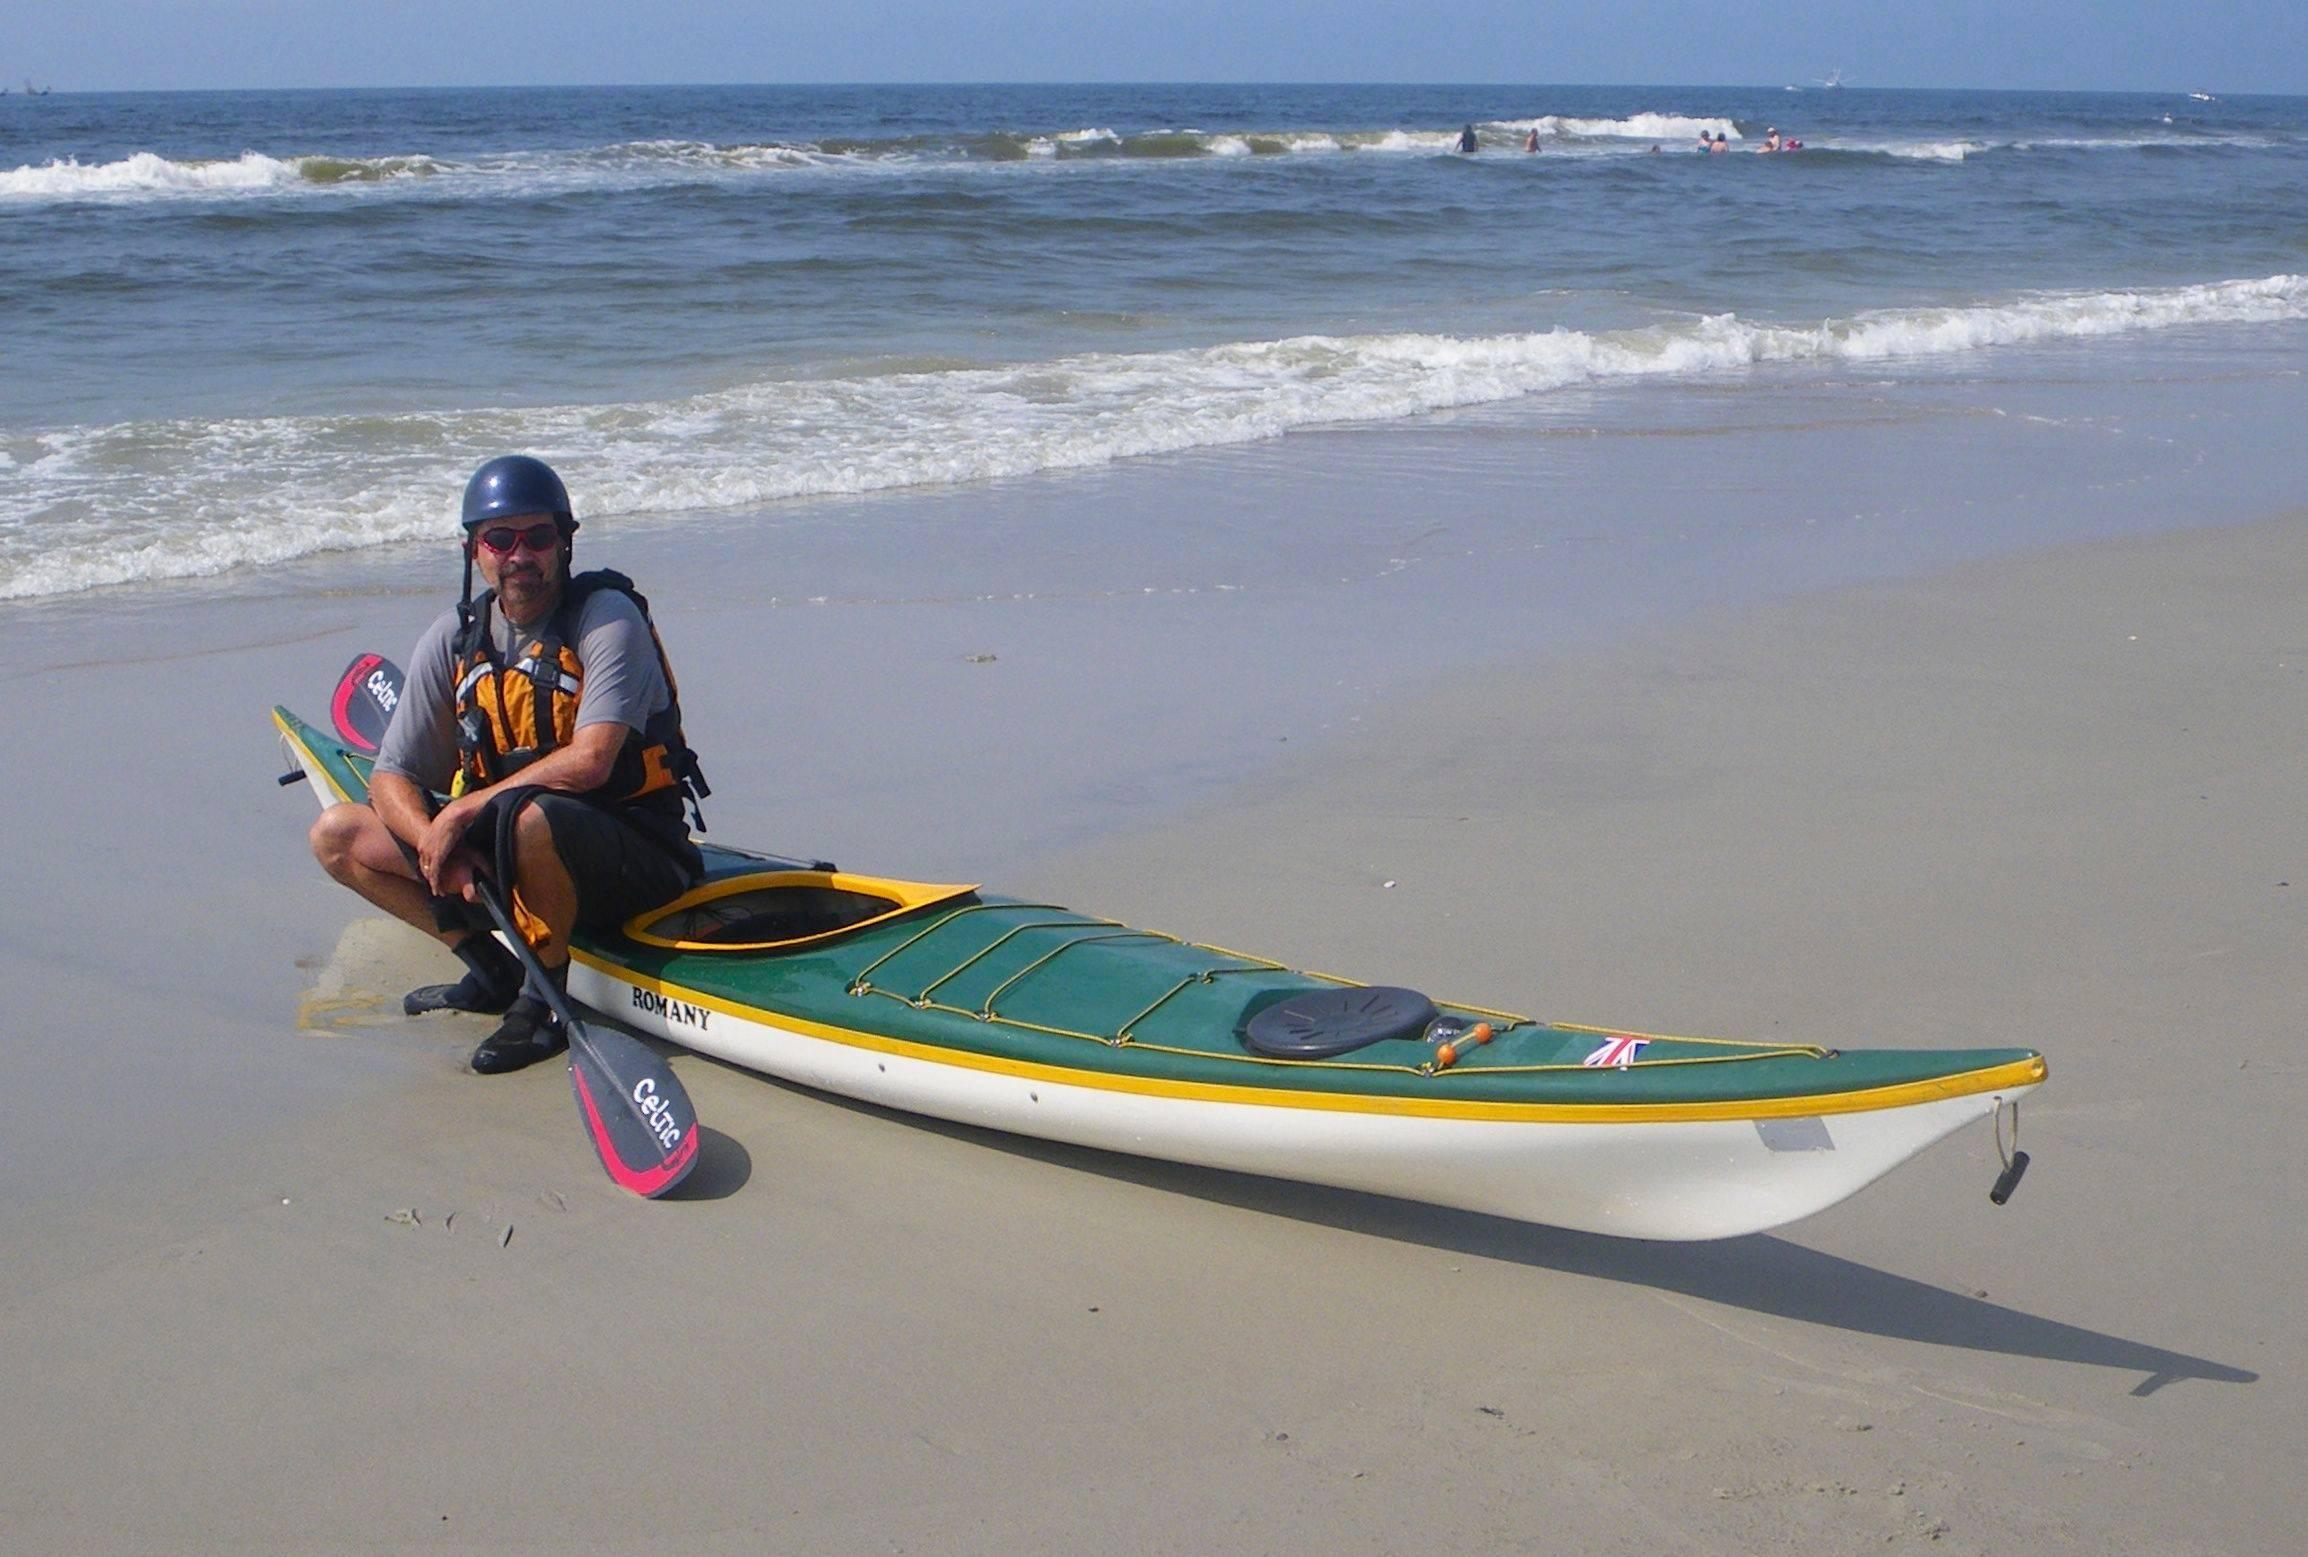 Surfing in Charleston, SC